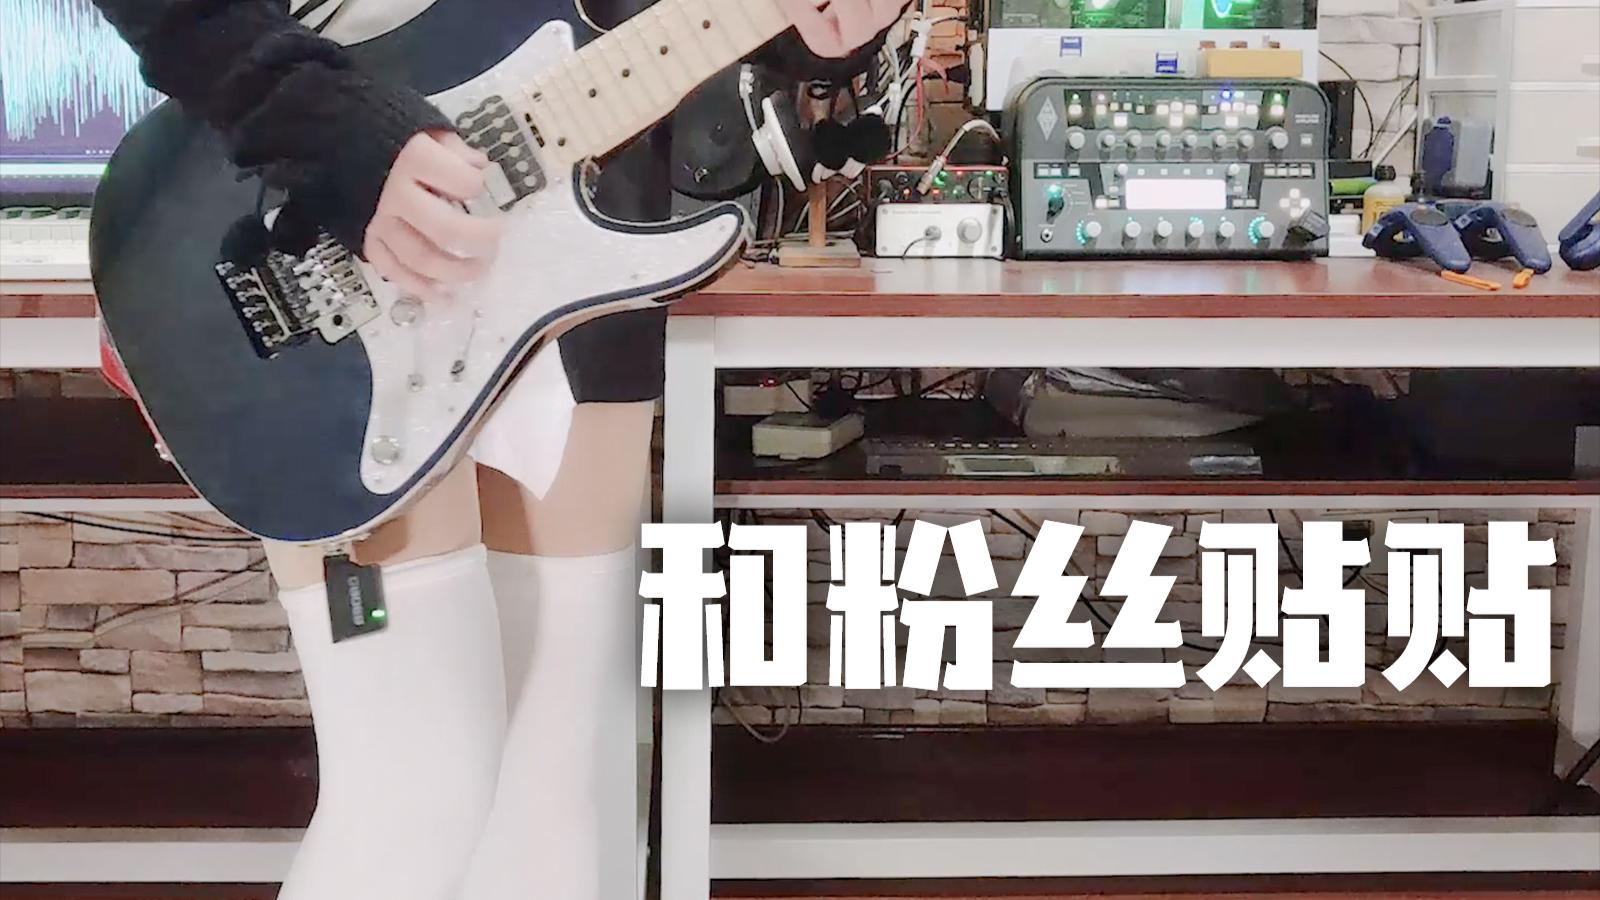 【和粉丝贴贴!】[喵子梨 x 薄荷]ドーナツホール Donut Hole 电吉他翻弹 guitar